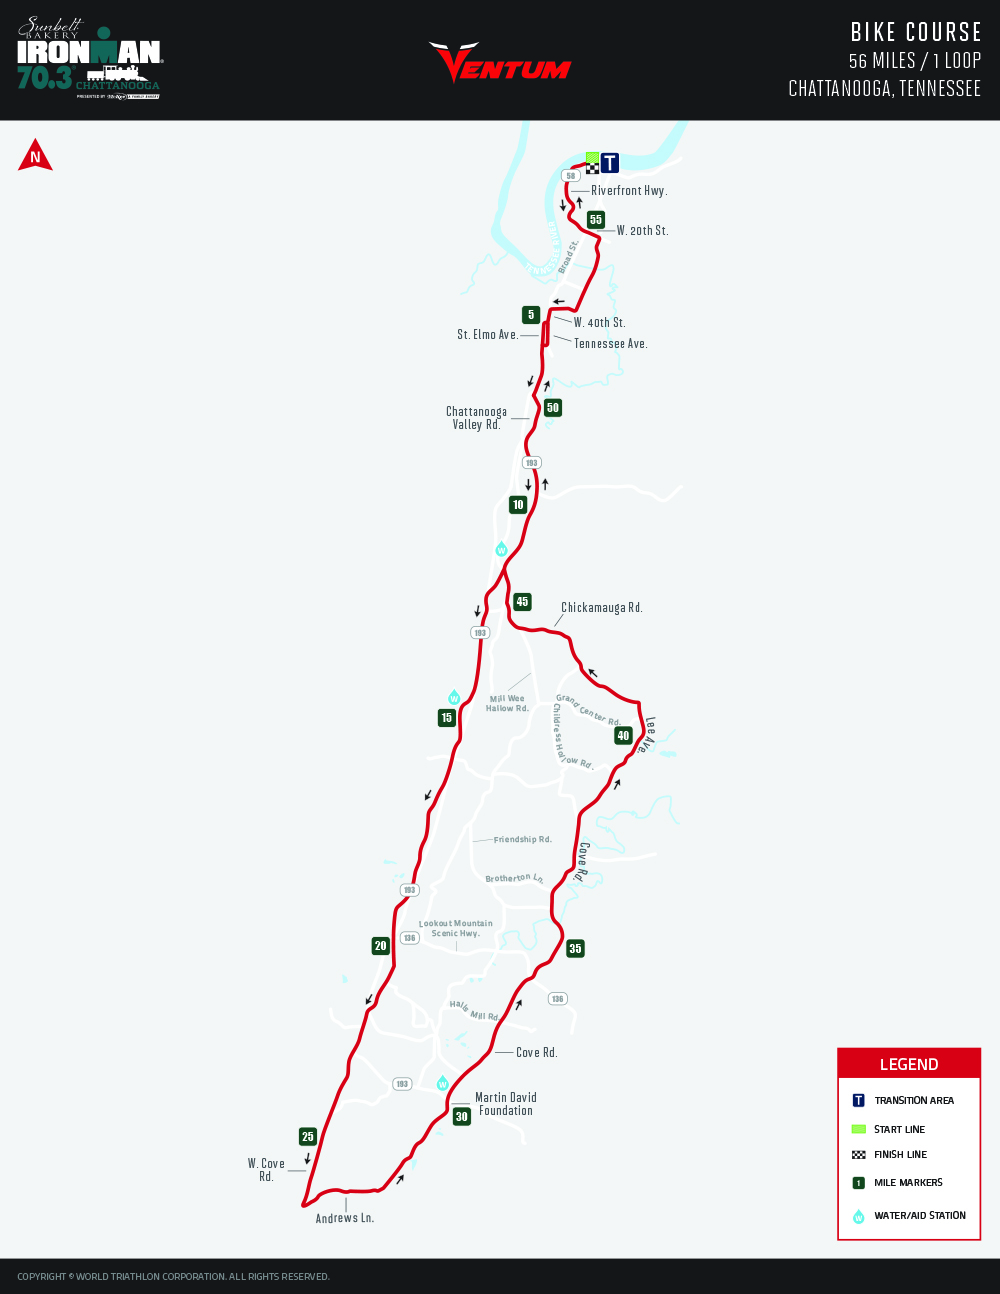 BIKEim 703chatt19 coursemap bike 11918 cc web-1.jpg